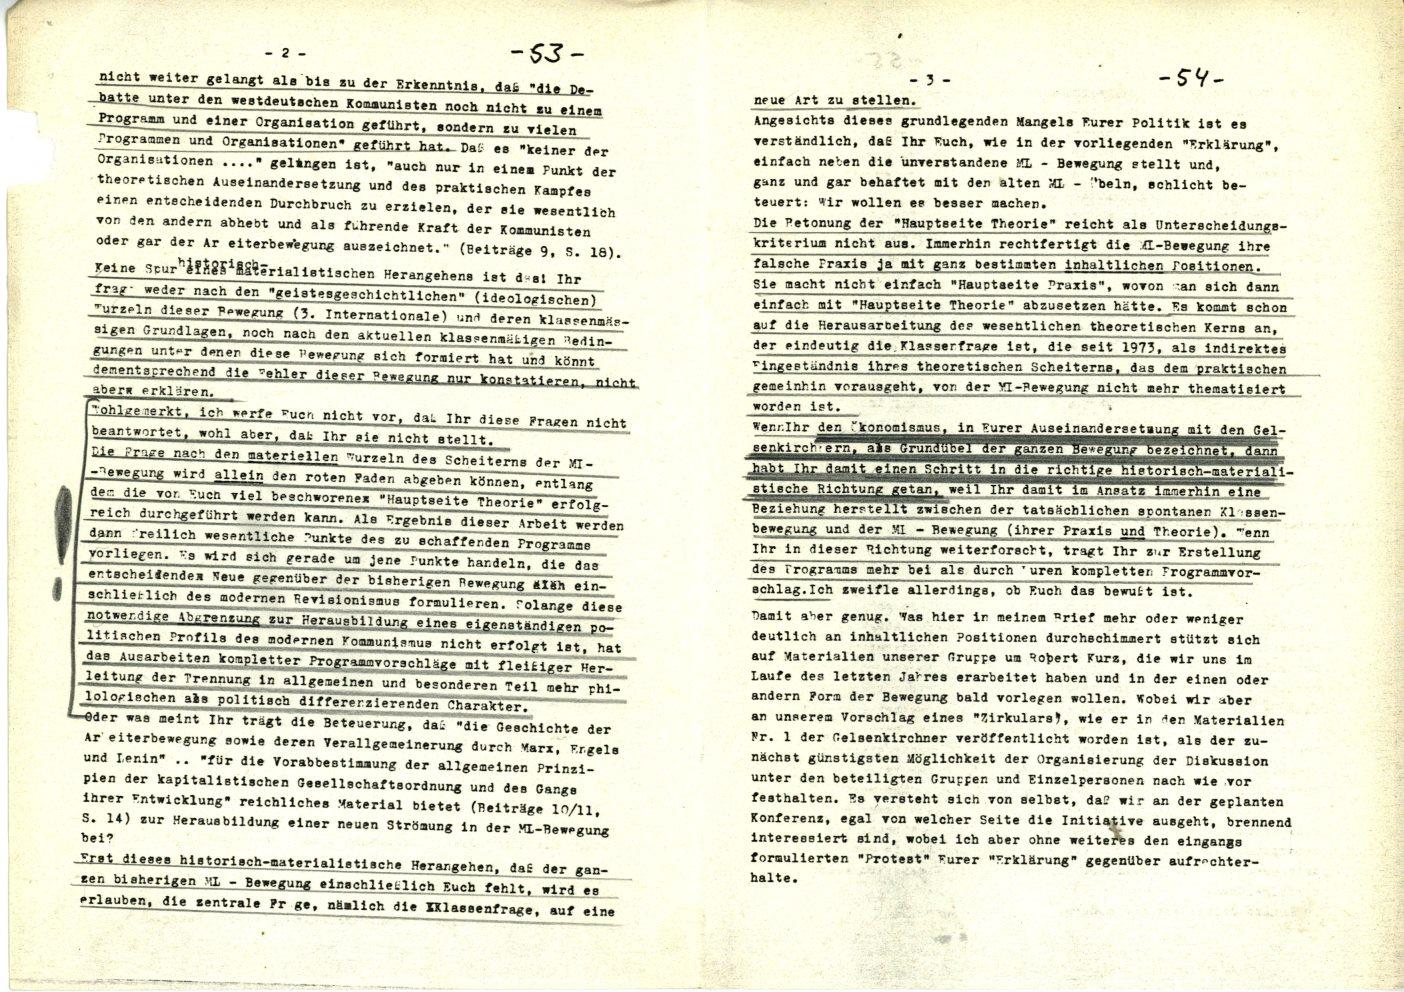 Nuernberg_Fuerth_Erlangen_ML_Diskussionsbeitraege_1978_01_28